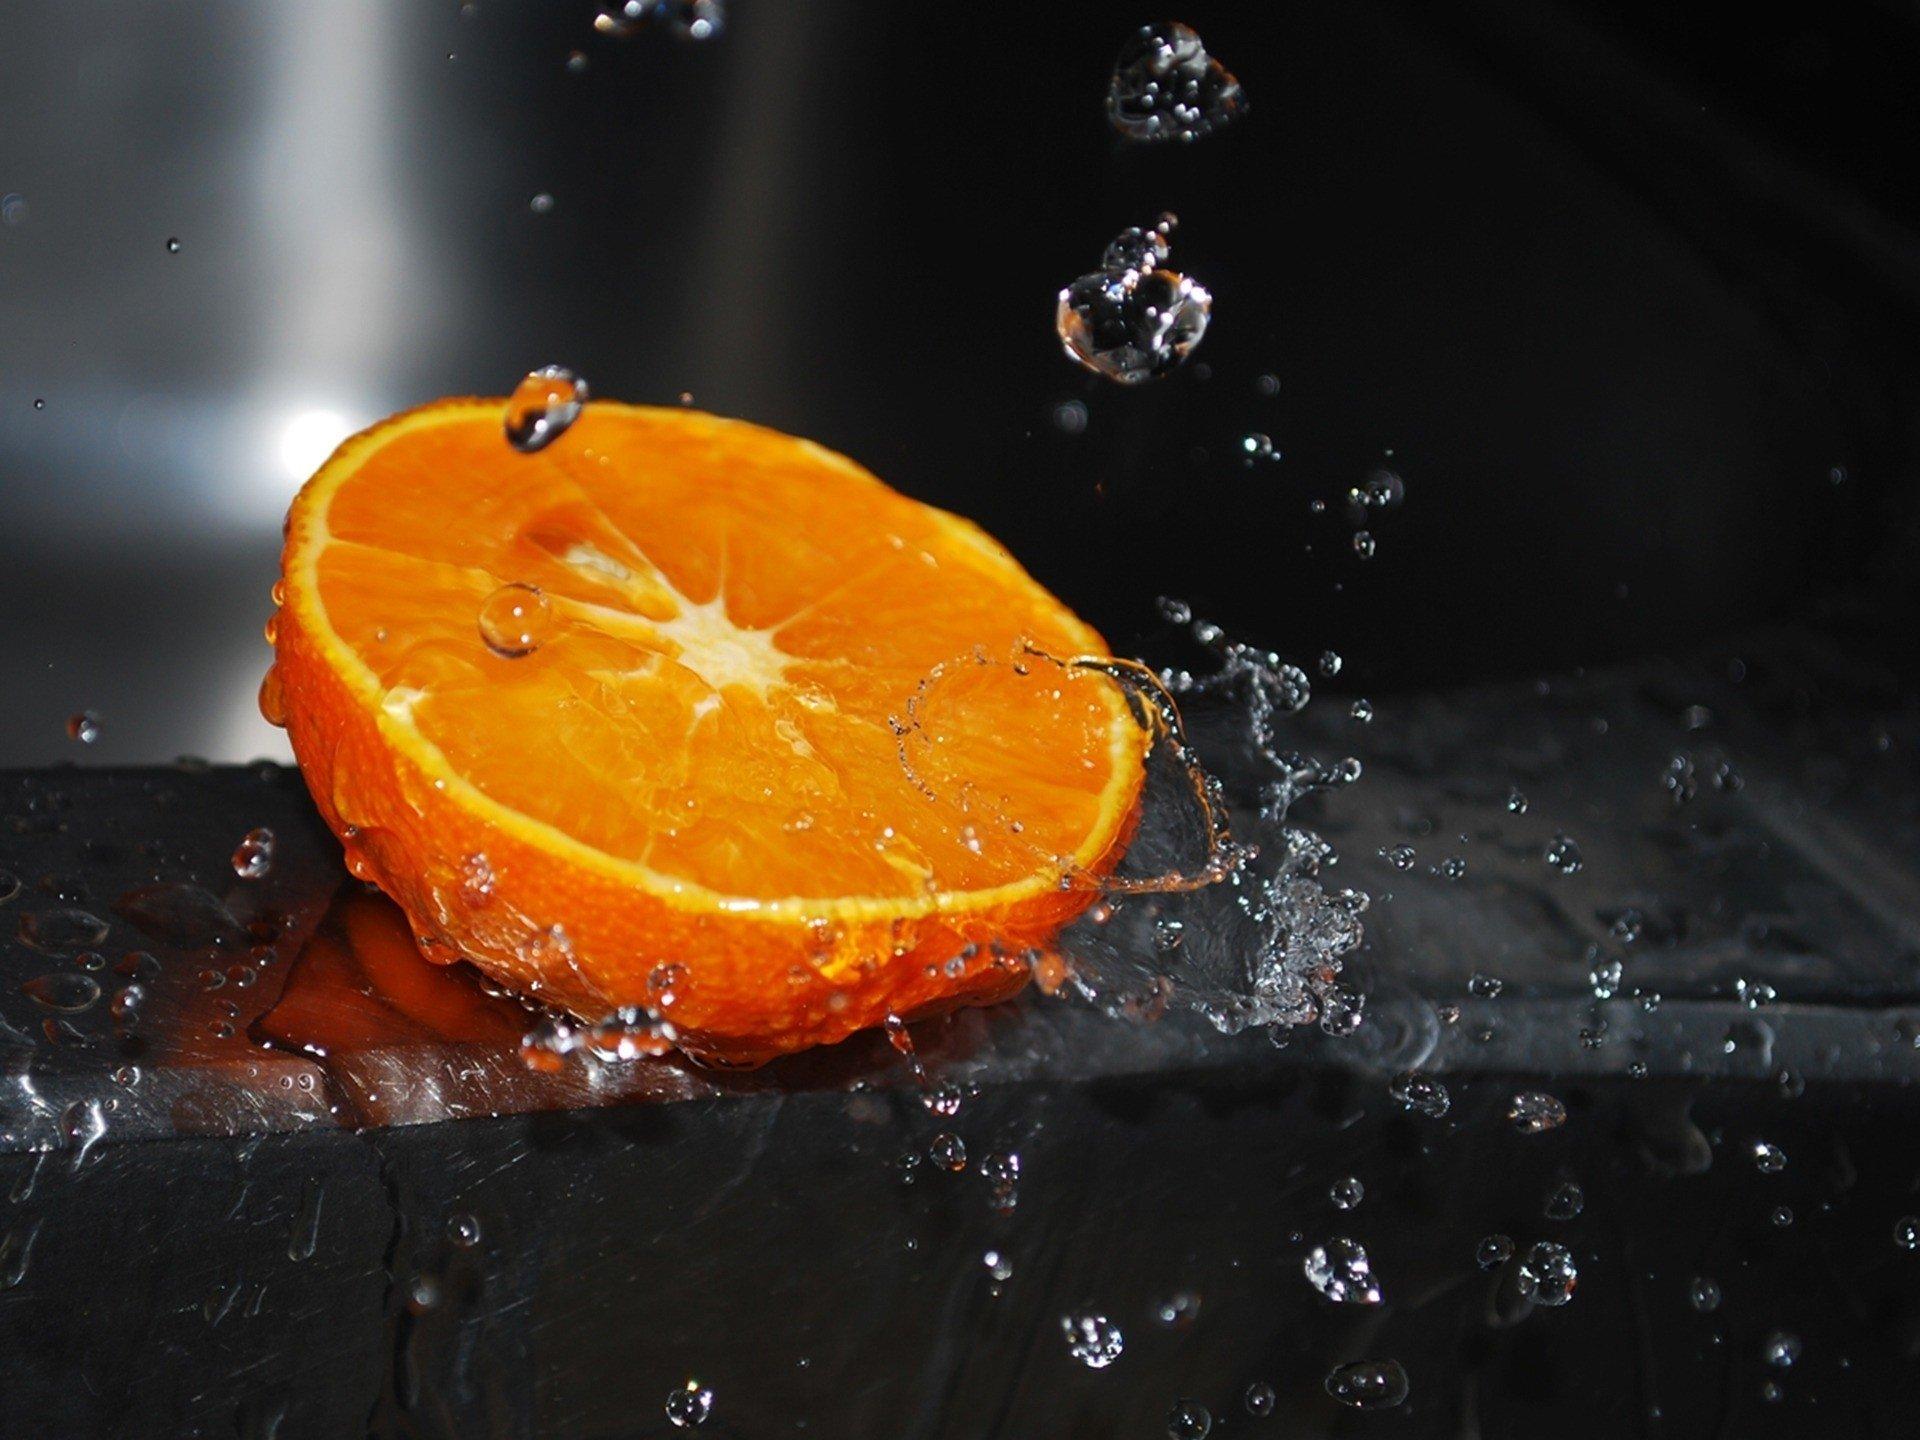 Or orange fruit hd wallpaper - Hd Wallpaper Background Id 408256